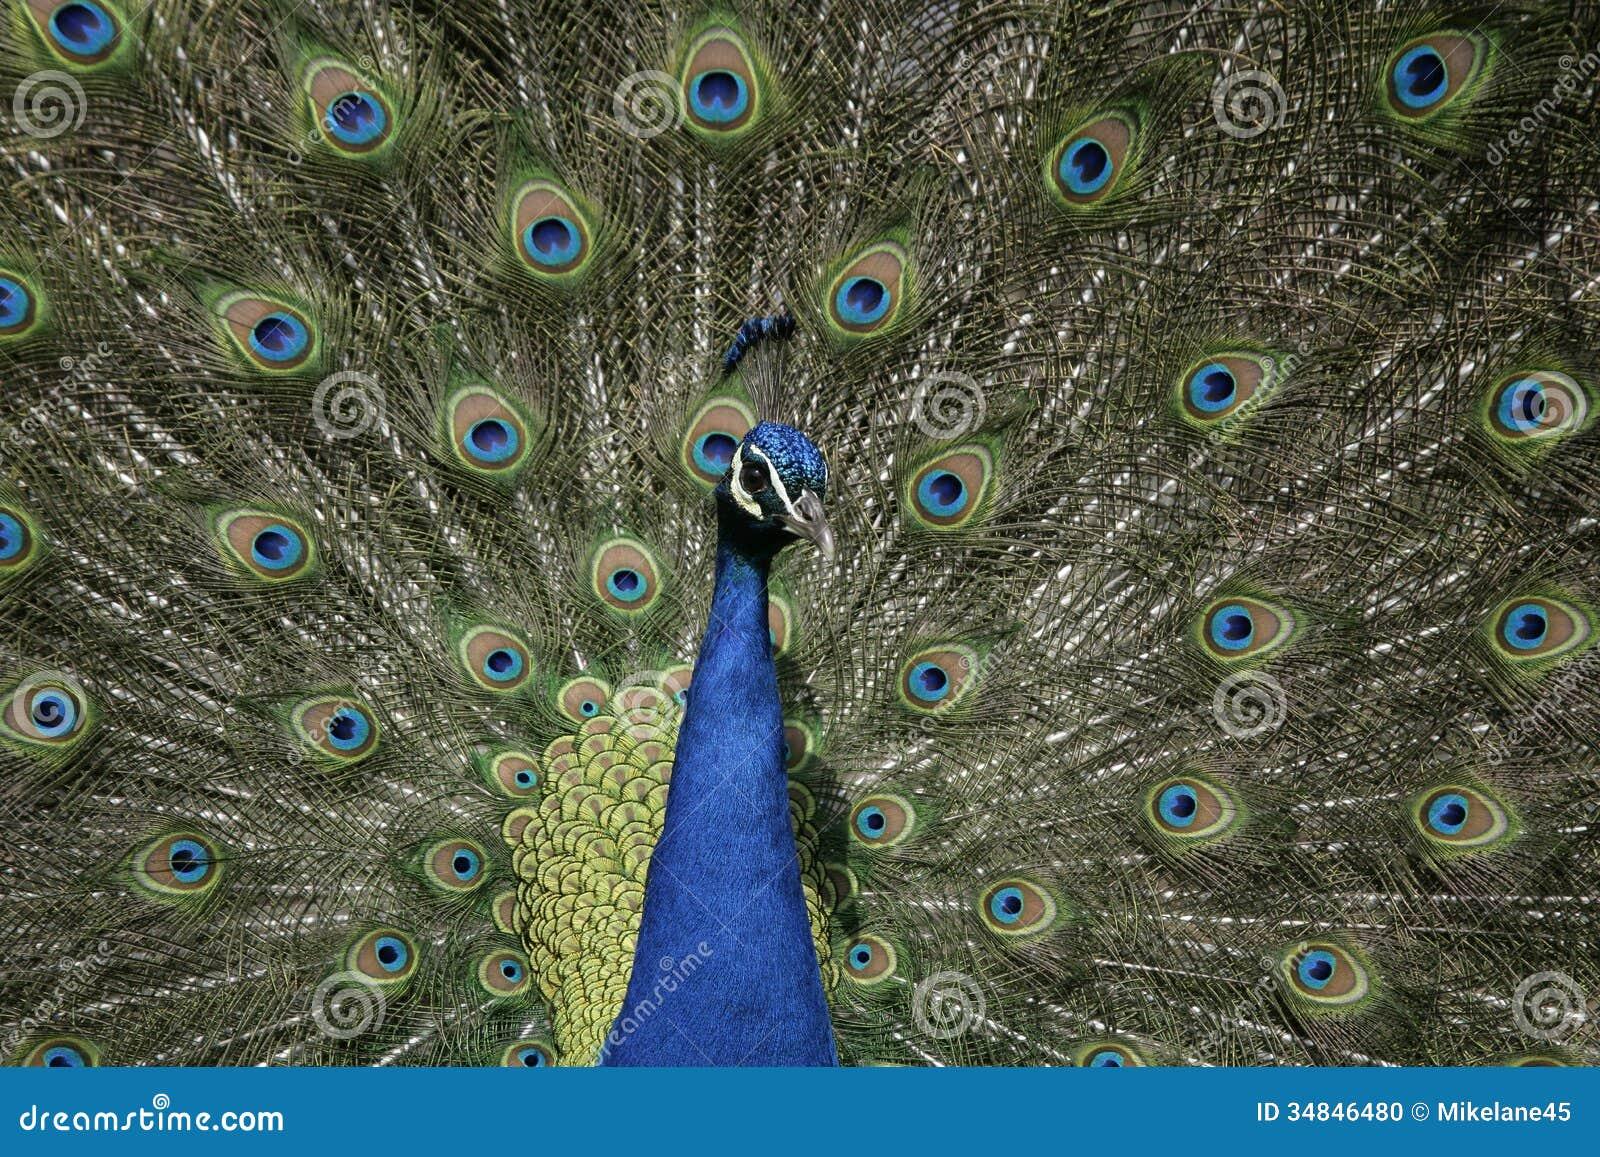 Peafowl, Pavo cristatus